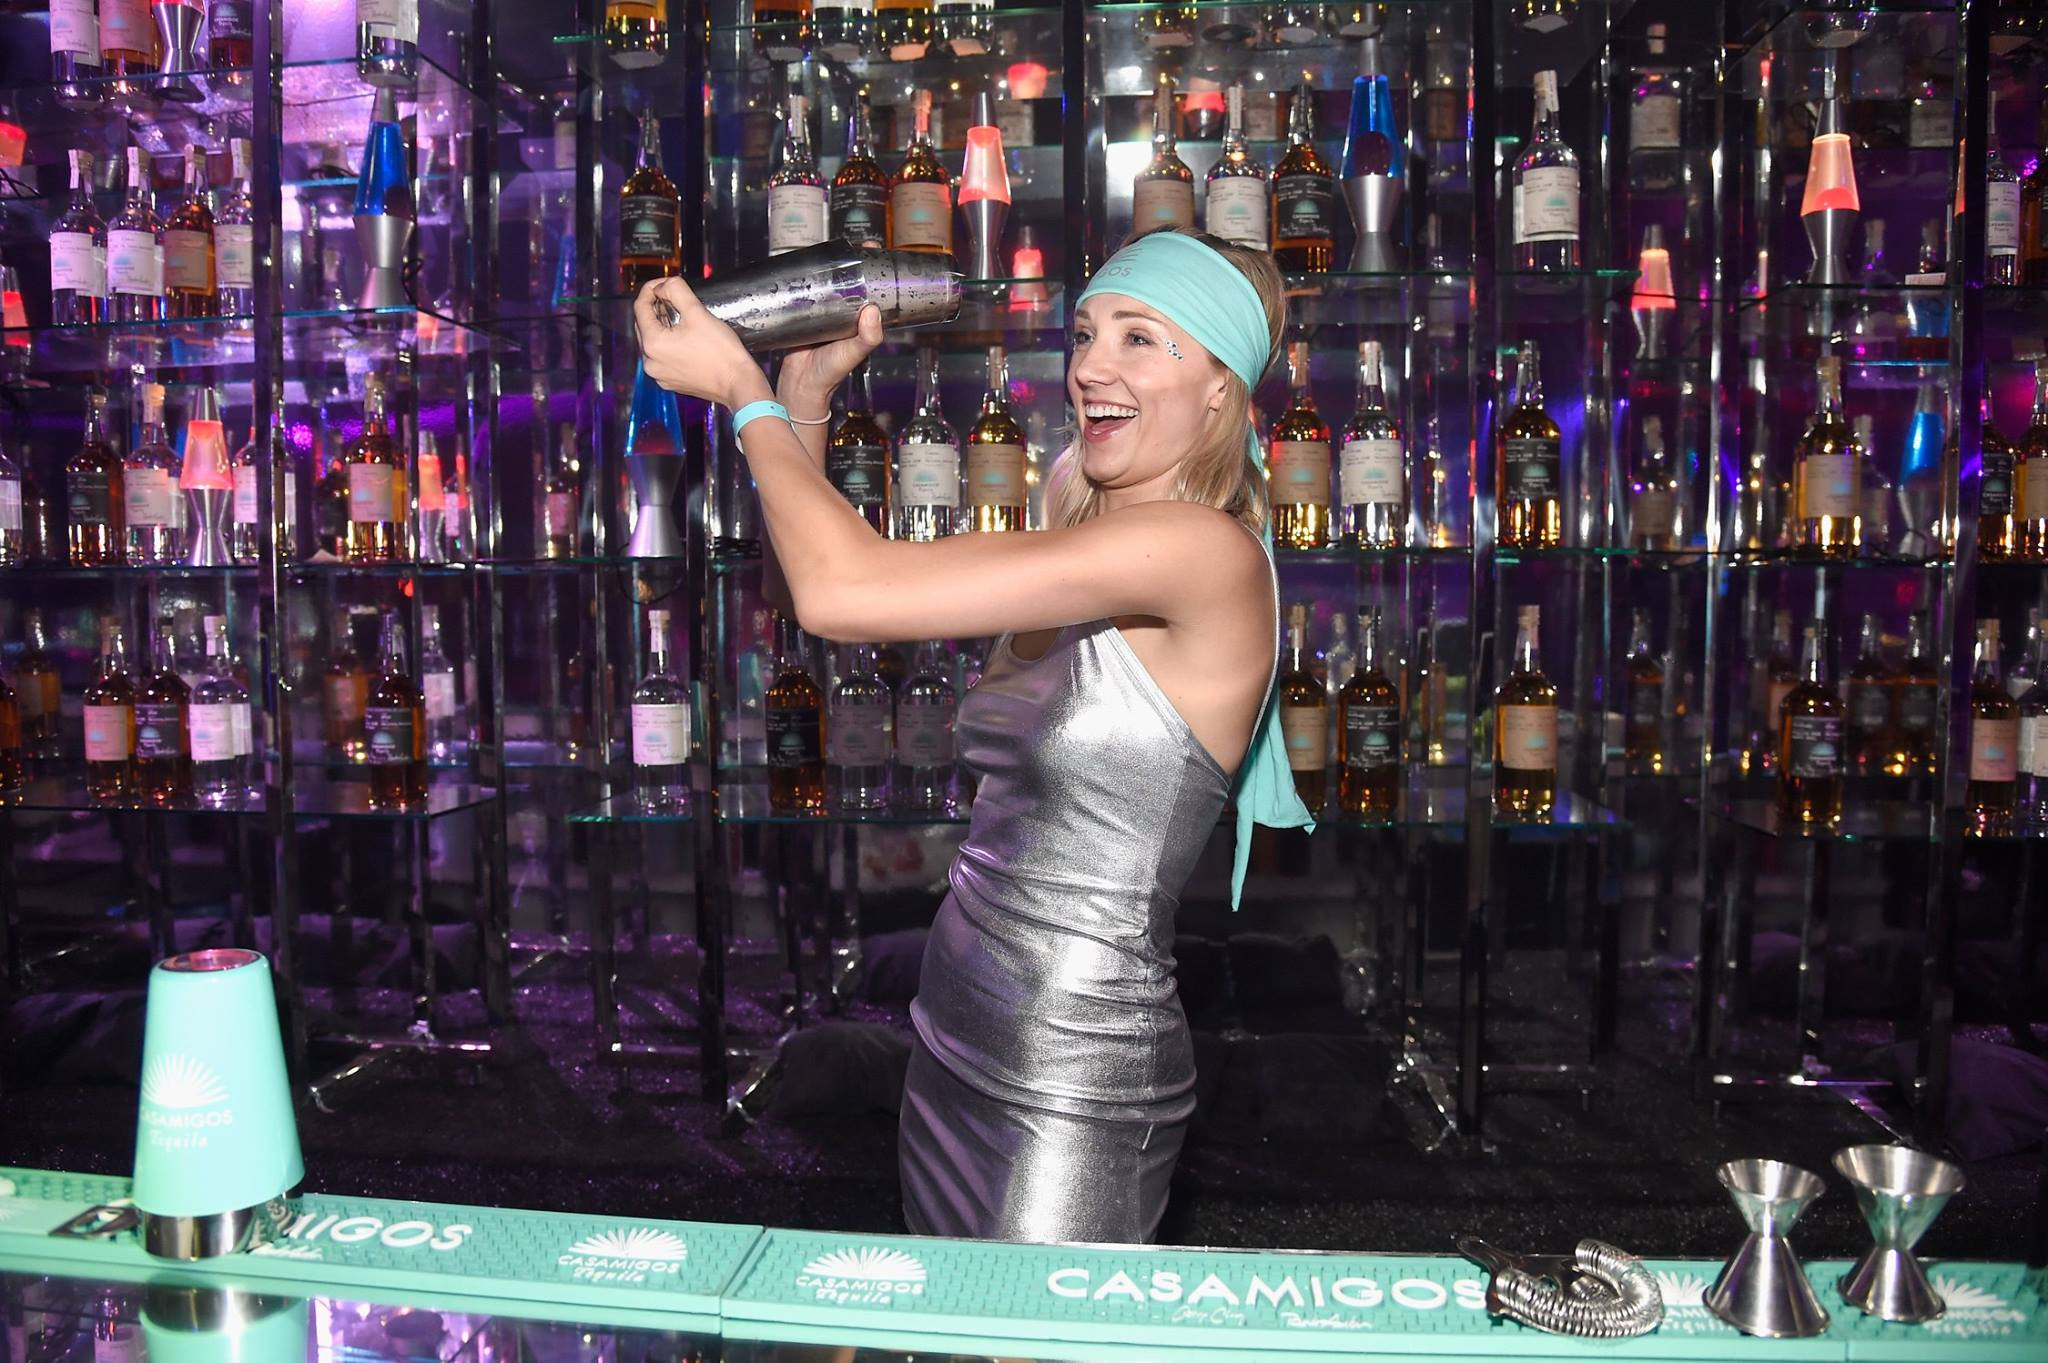 Casamigos Halloween Party - David Pressman Events